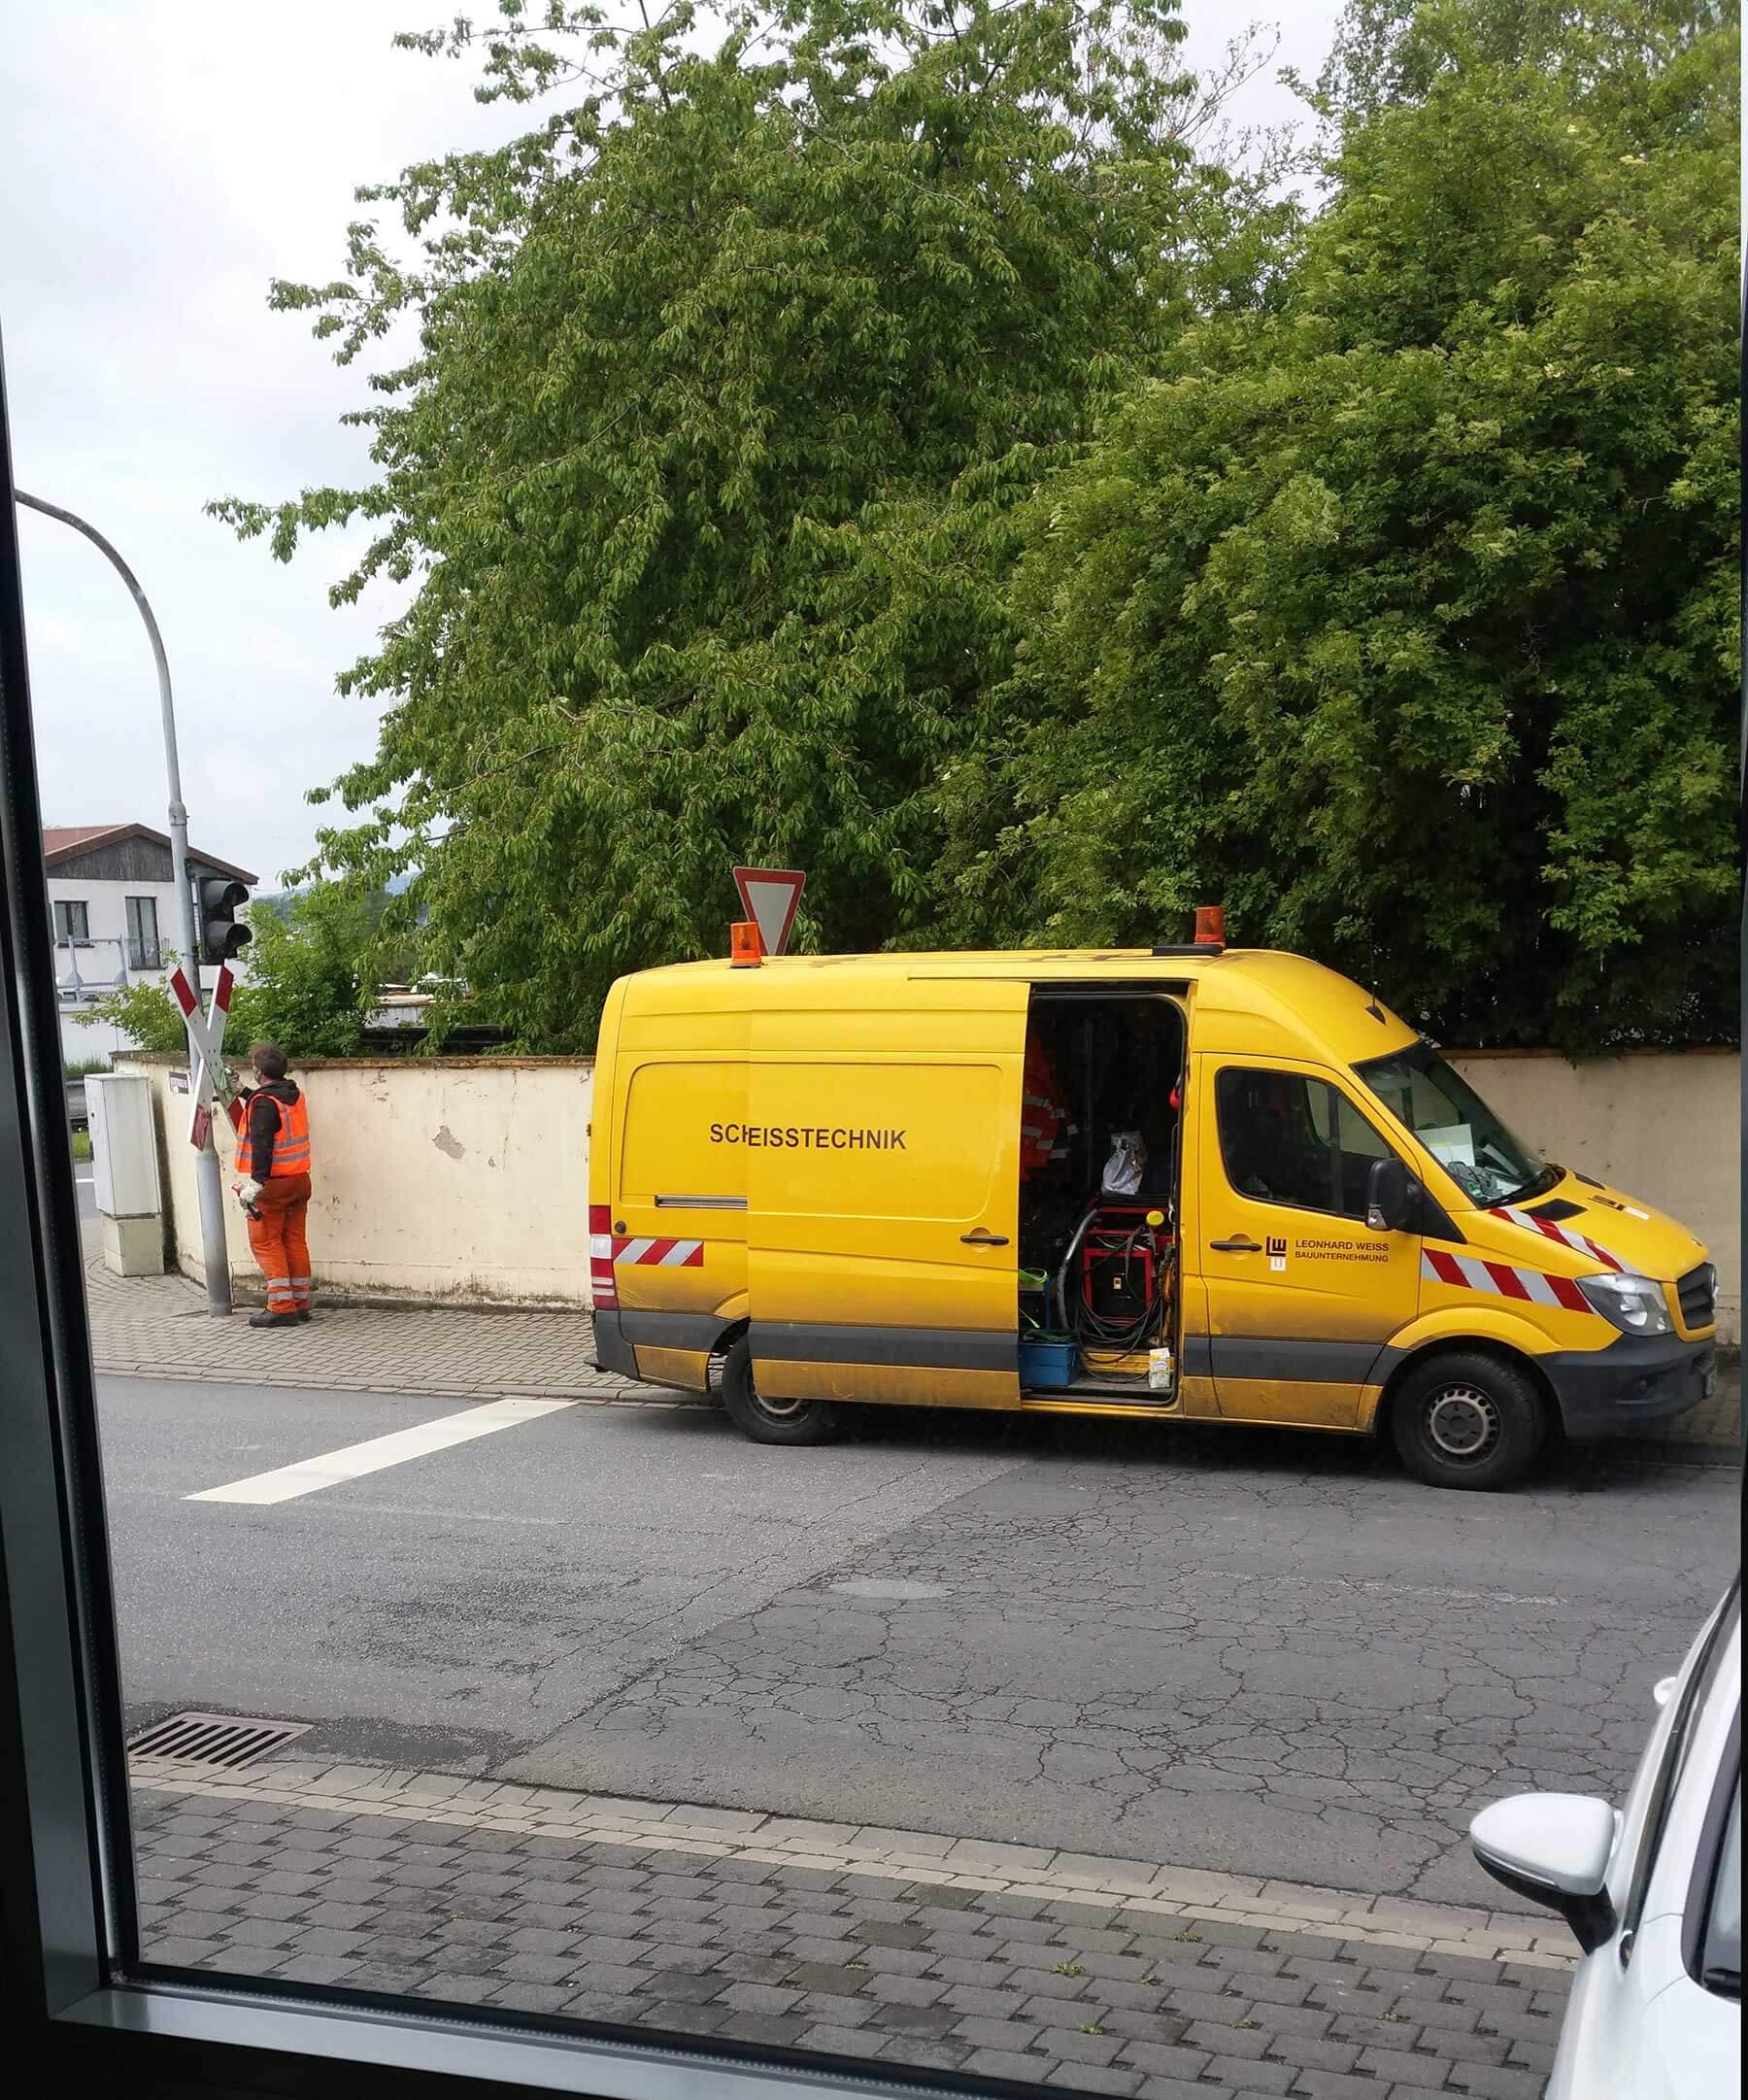 Bilderparade DCXXIV LangweileDich.net_Bilderparade_DCXXIV_41